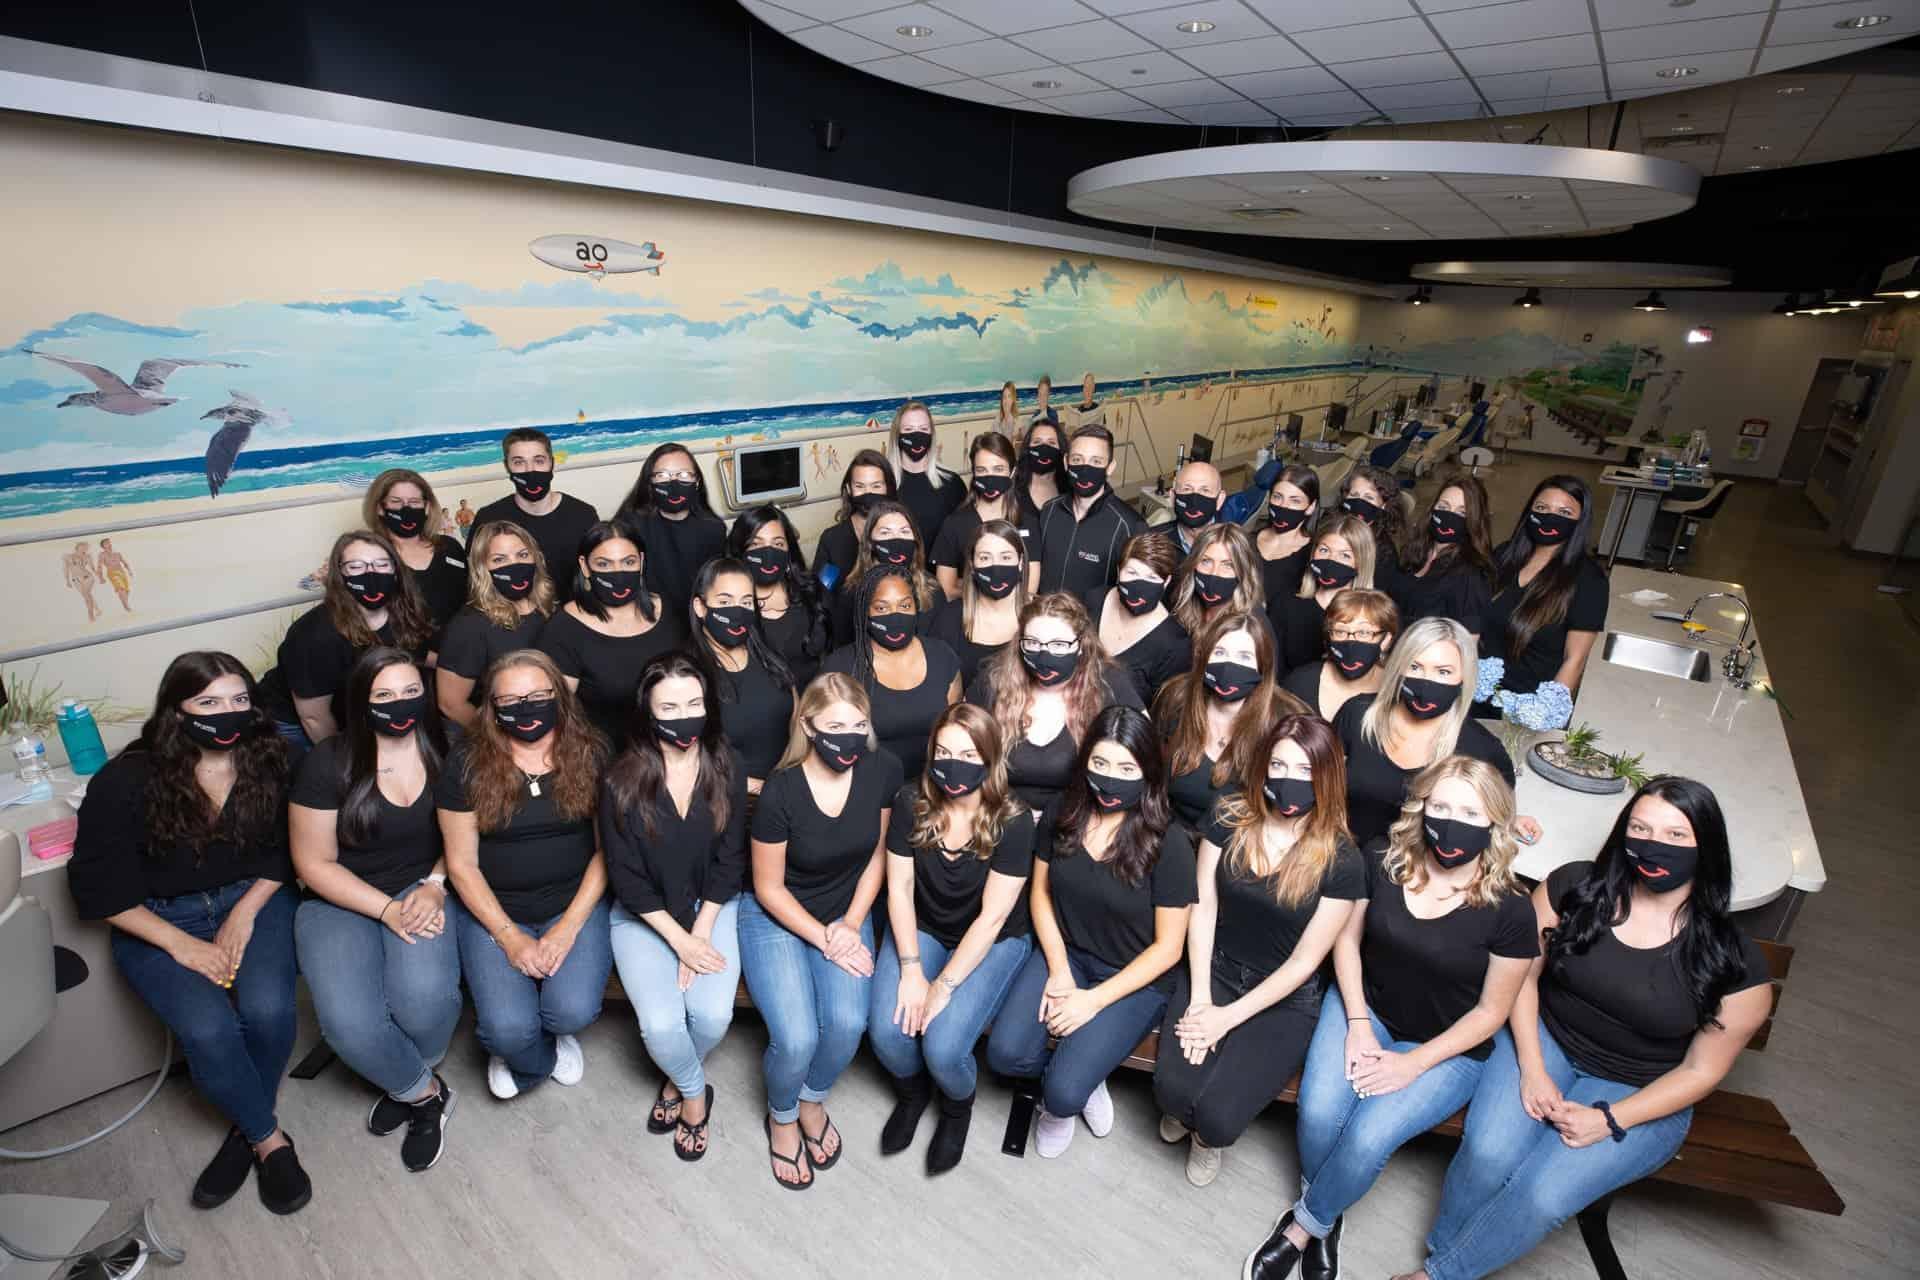 Appel Orthodontics Philadelphia Orthodontist Team Group 6 - Meet the Appel Orthodontics Team